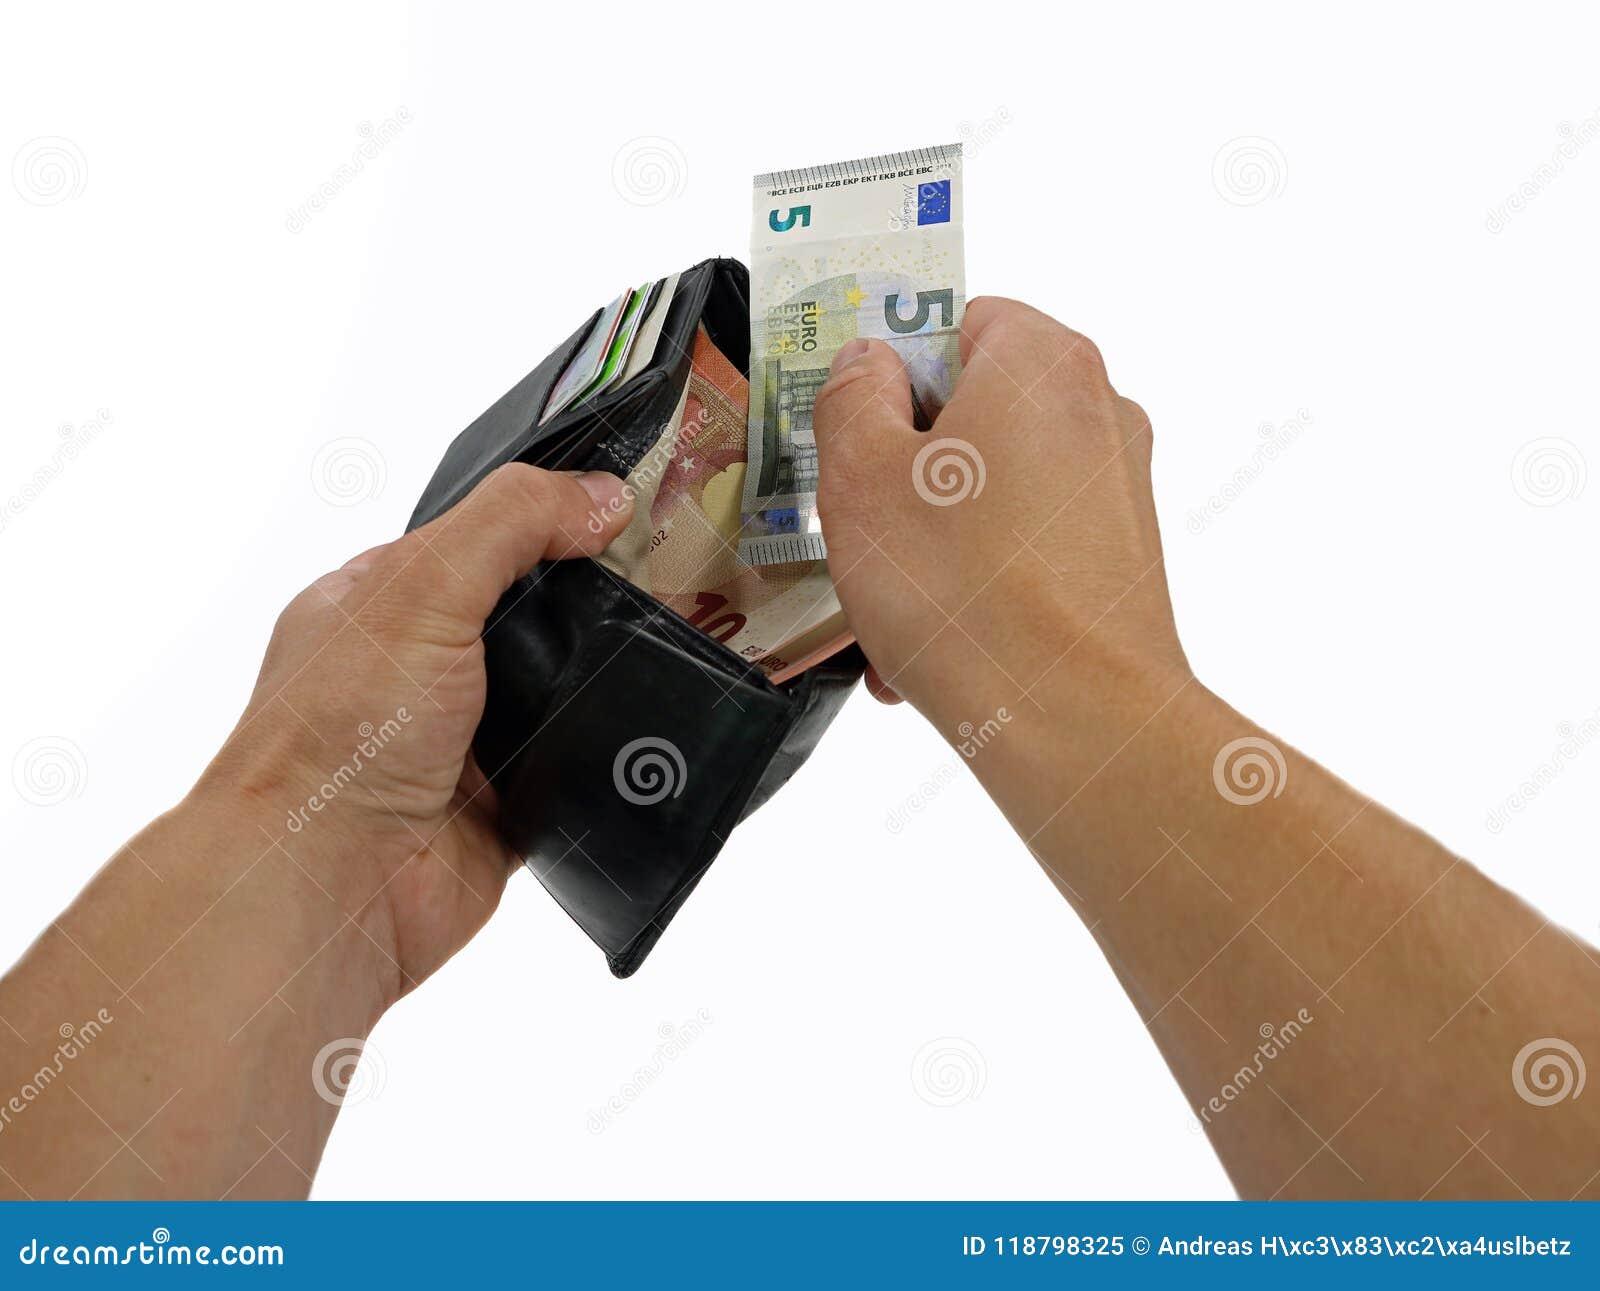 Mani che eliminano soldi dal portafoglio in un primo punto di vista della persona su fondo bianco